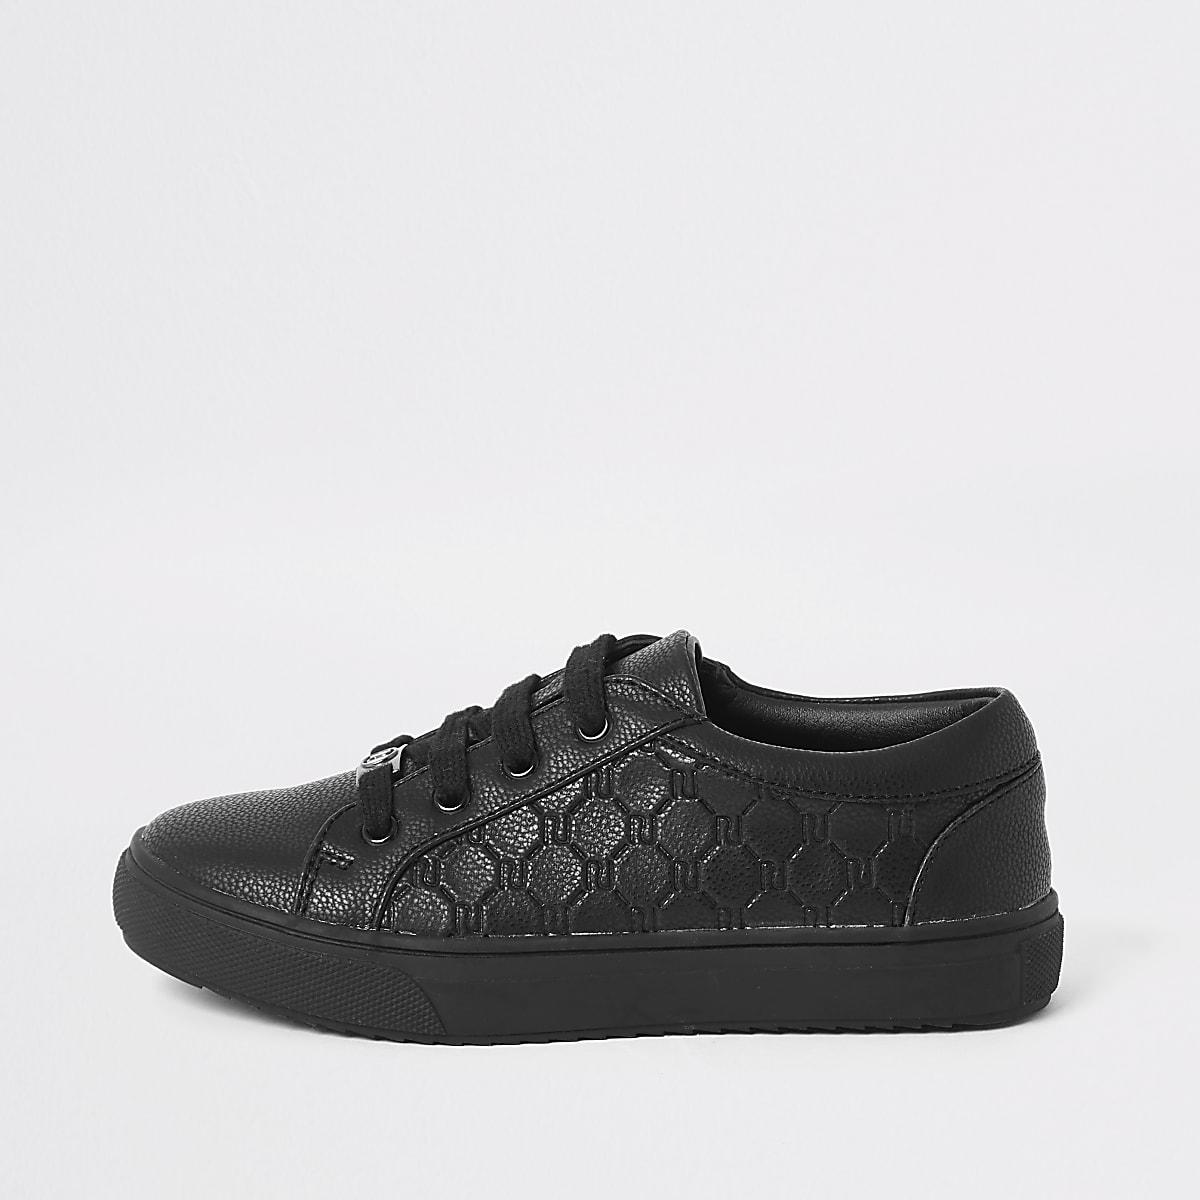 Zwarte vetersneakers met RI-monogram voor jongens